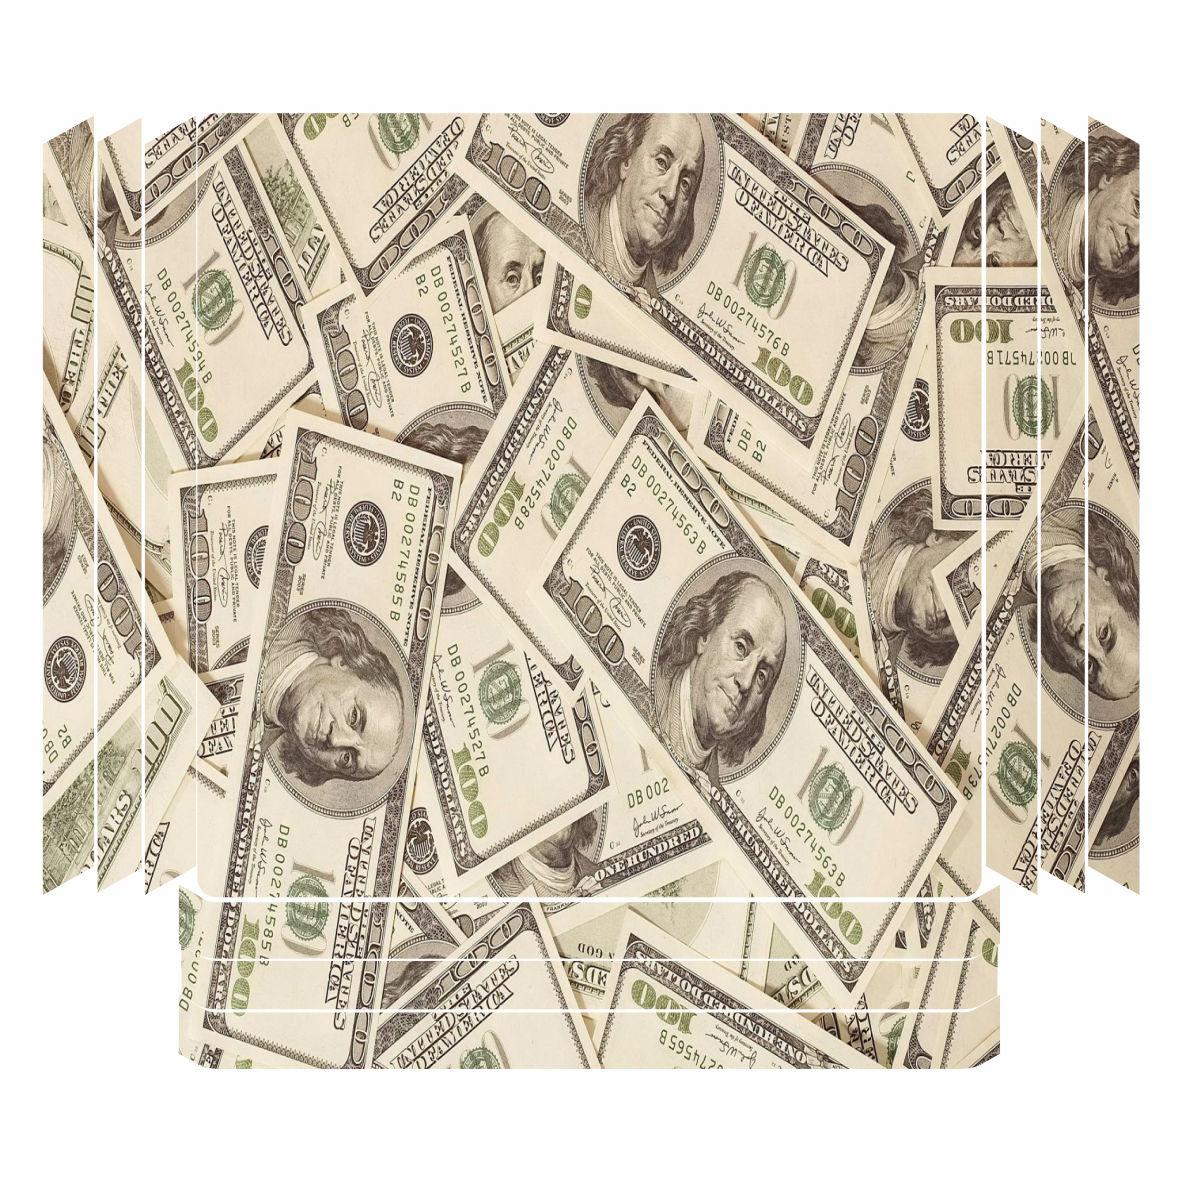 خرید اینترنتی [با تخفیف] برچسب پلی استیشن ۴ پرو مدل دلار اورجینال